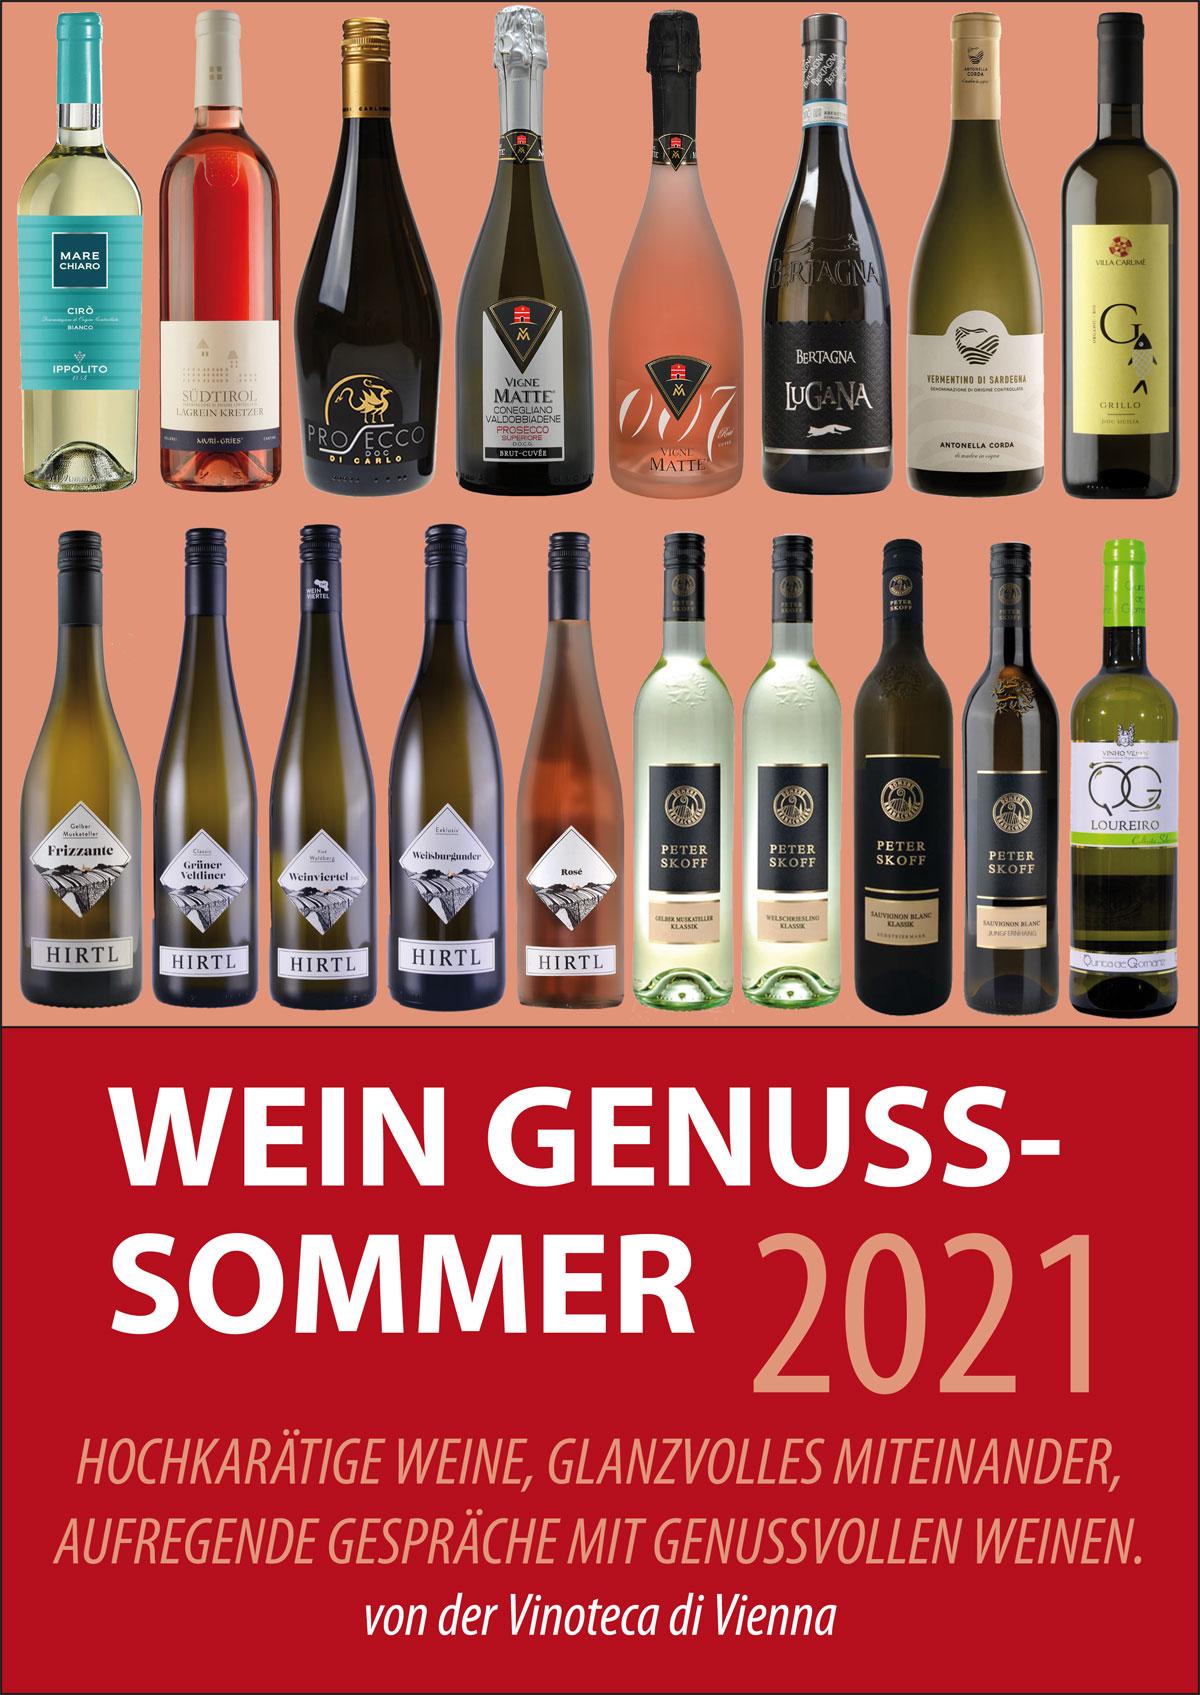 Wein Genuss-Sommer 2021 und die Party kann beginnen